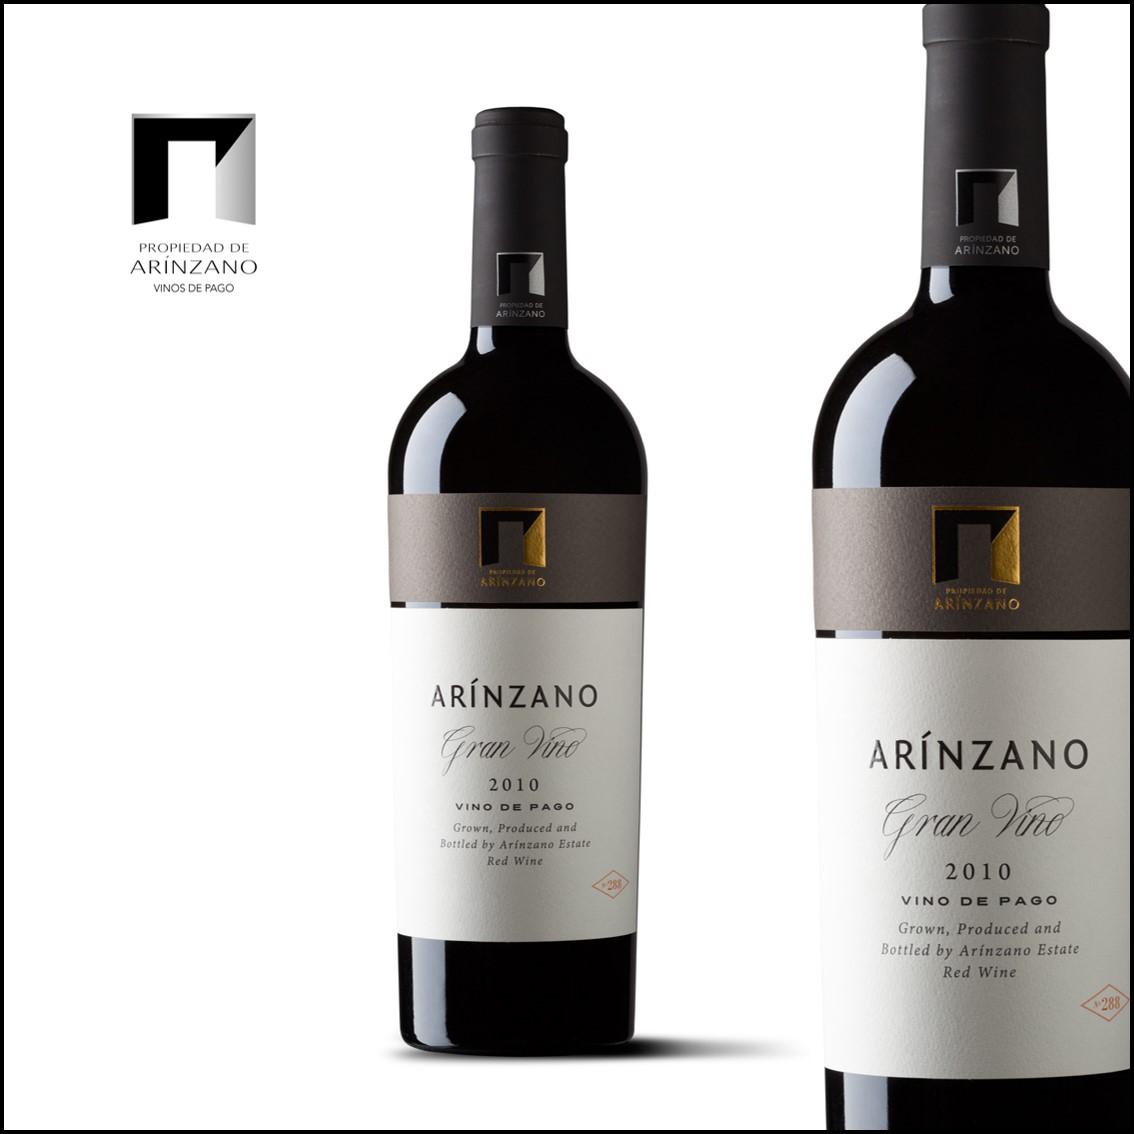 Arínzano «Gran Vino de Pago de Arínzano» D.O. Pago de Arínzano